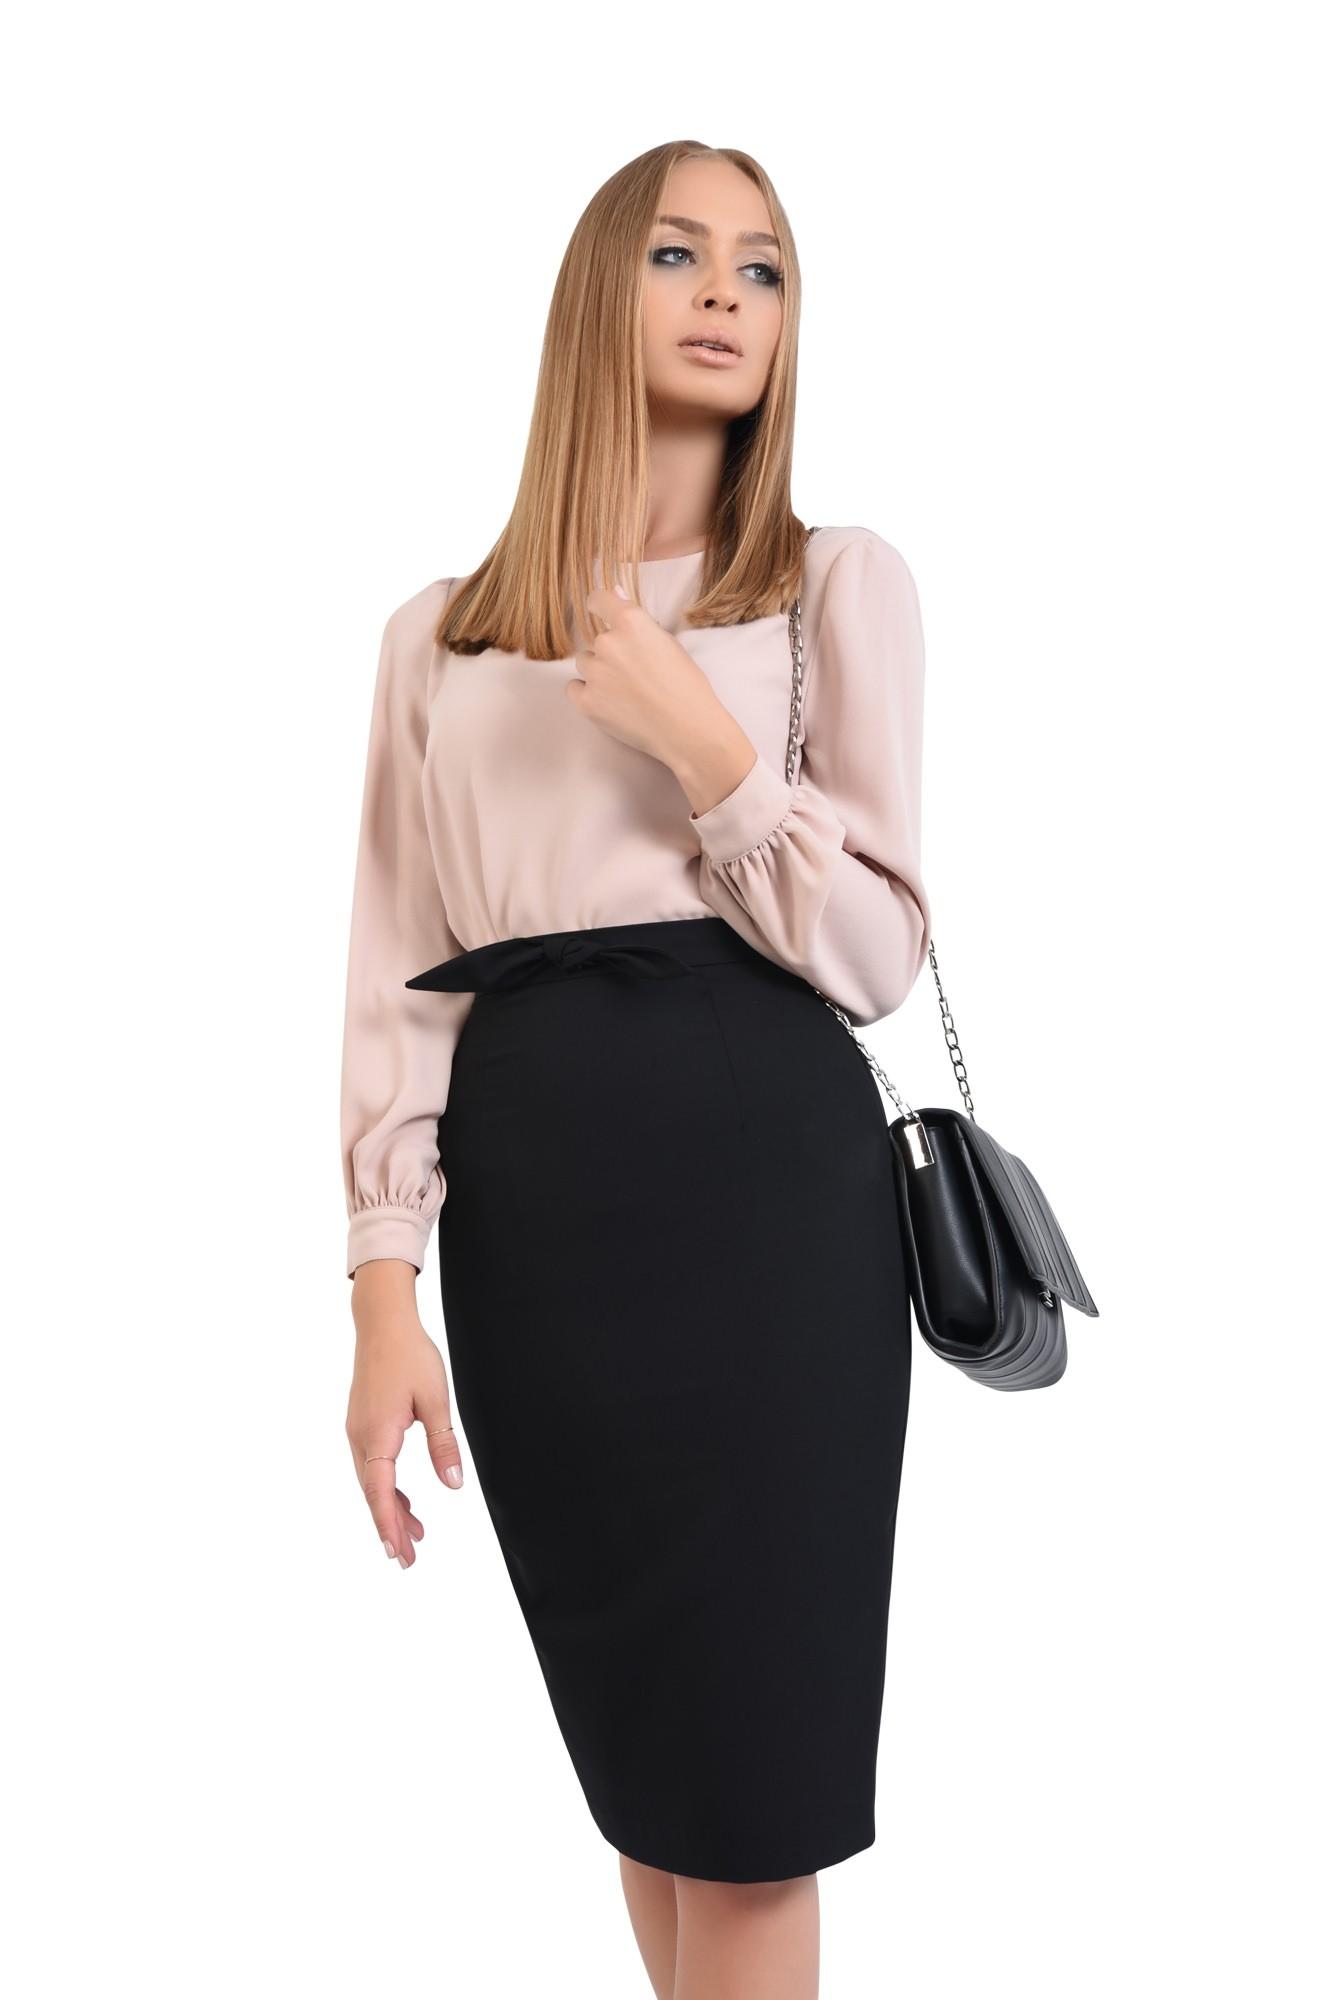 0 - bluza casual, bej, crep, maneci bufante, bluze online